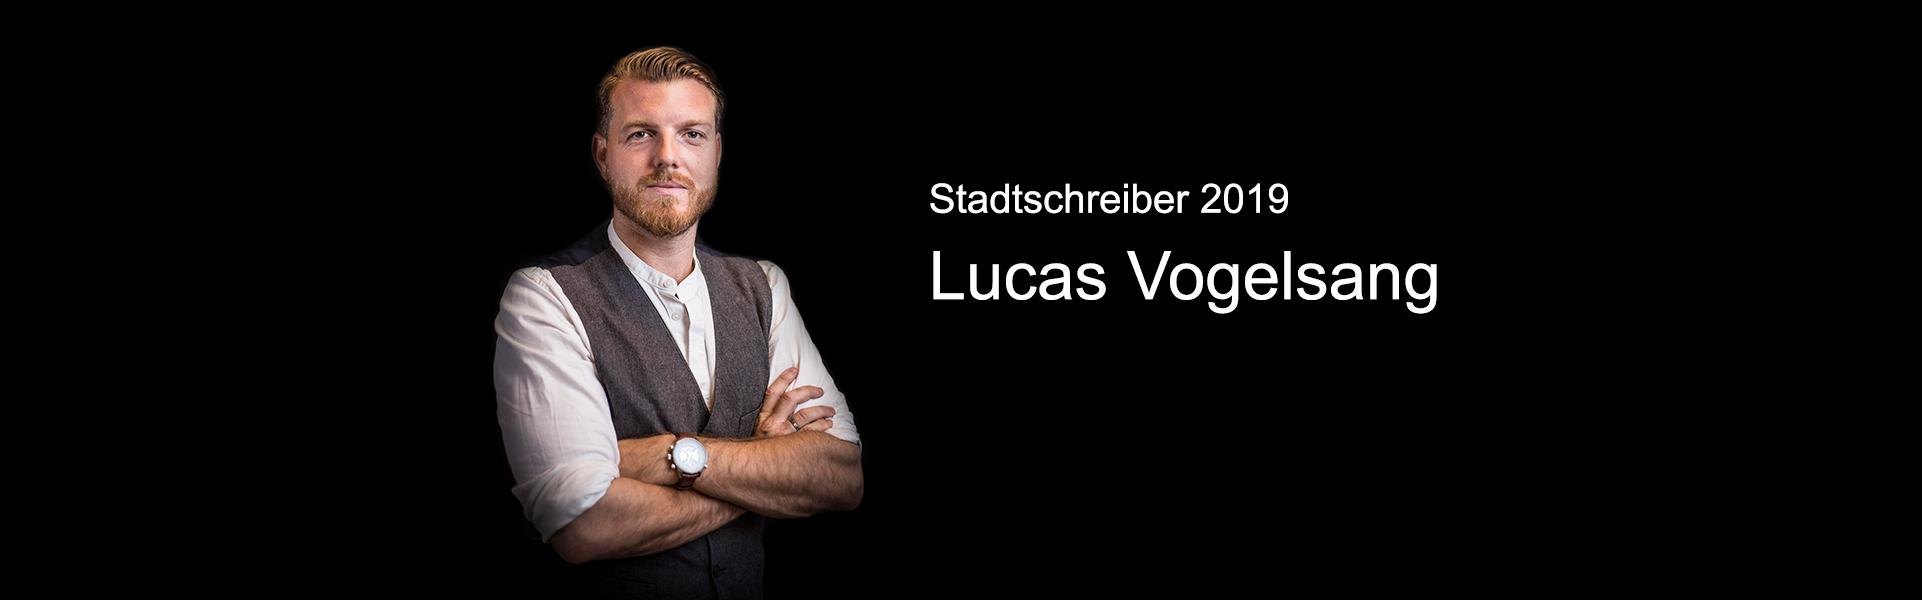 Lucas Vogelsang ist der Stadtschreiber Ruhr 2019